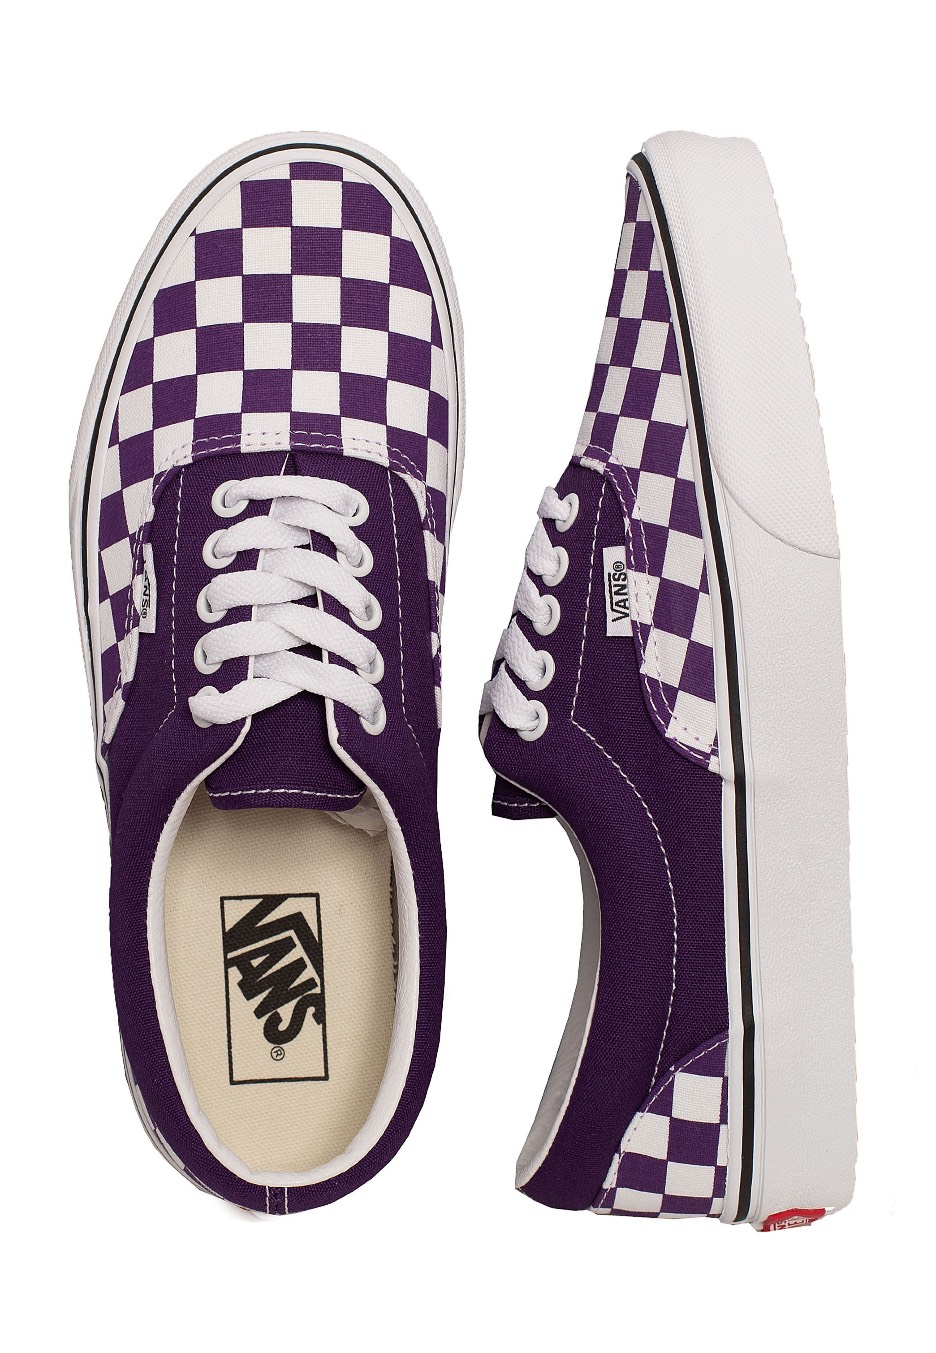 Vans Era Checkerboard Violet IndigoTrue White Schuhe